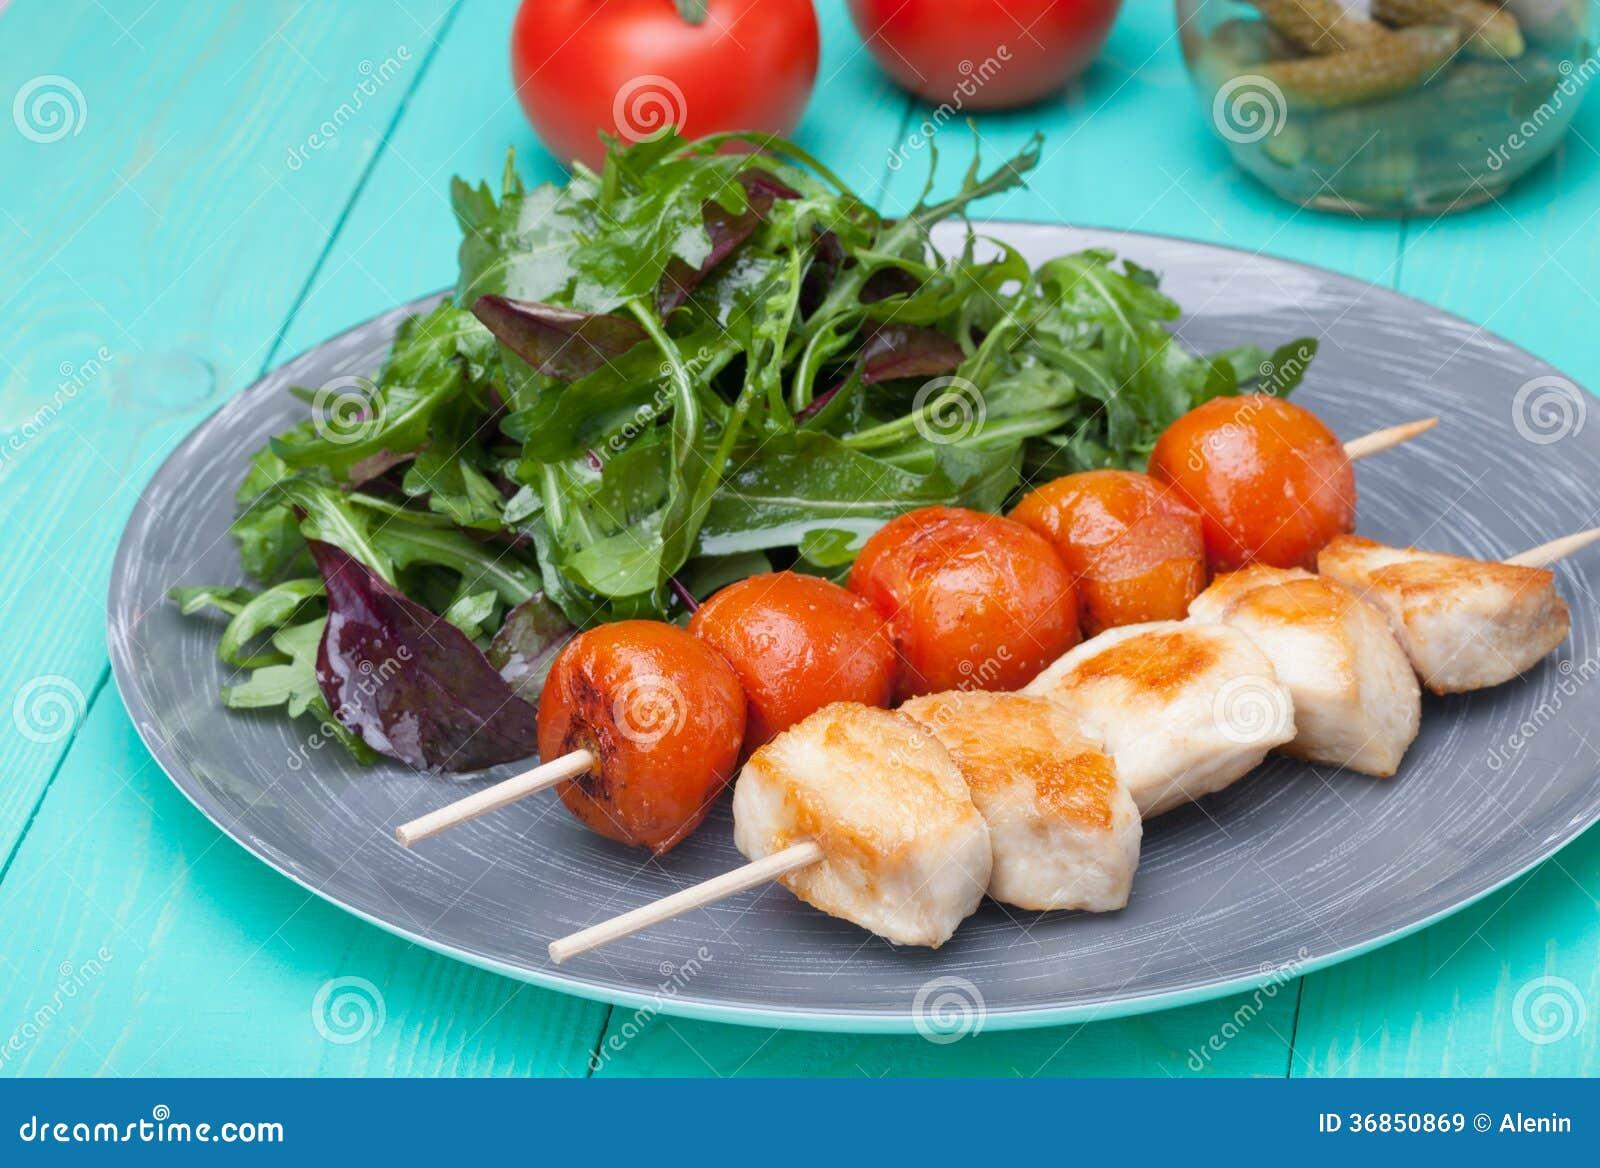 grillez tout entier le poulet avec des tomates dans un plat avec de la salade image stock. Black Bedroom Furniture Sets. Home Design Ideas